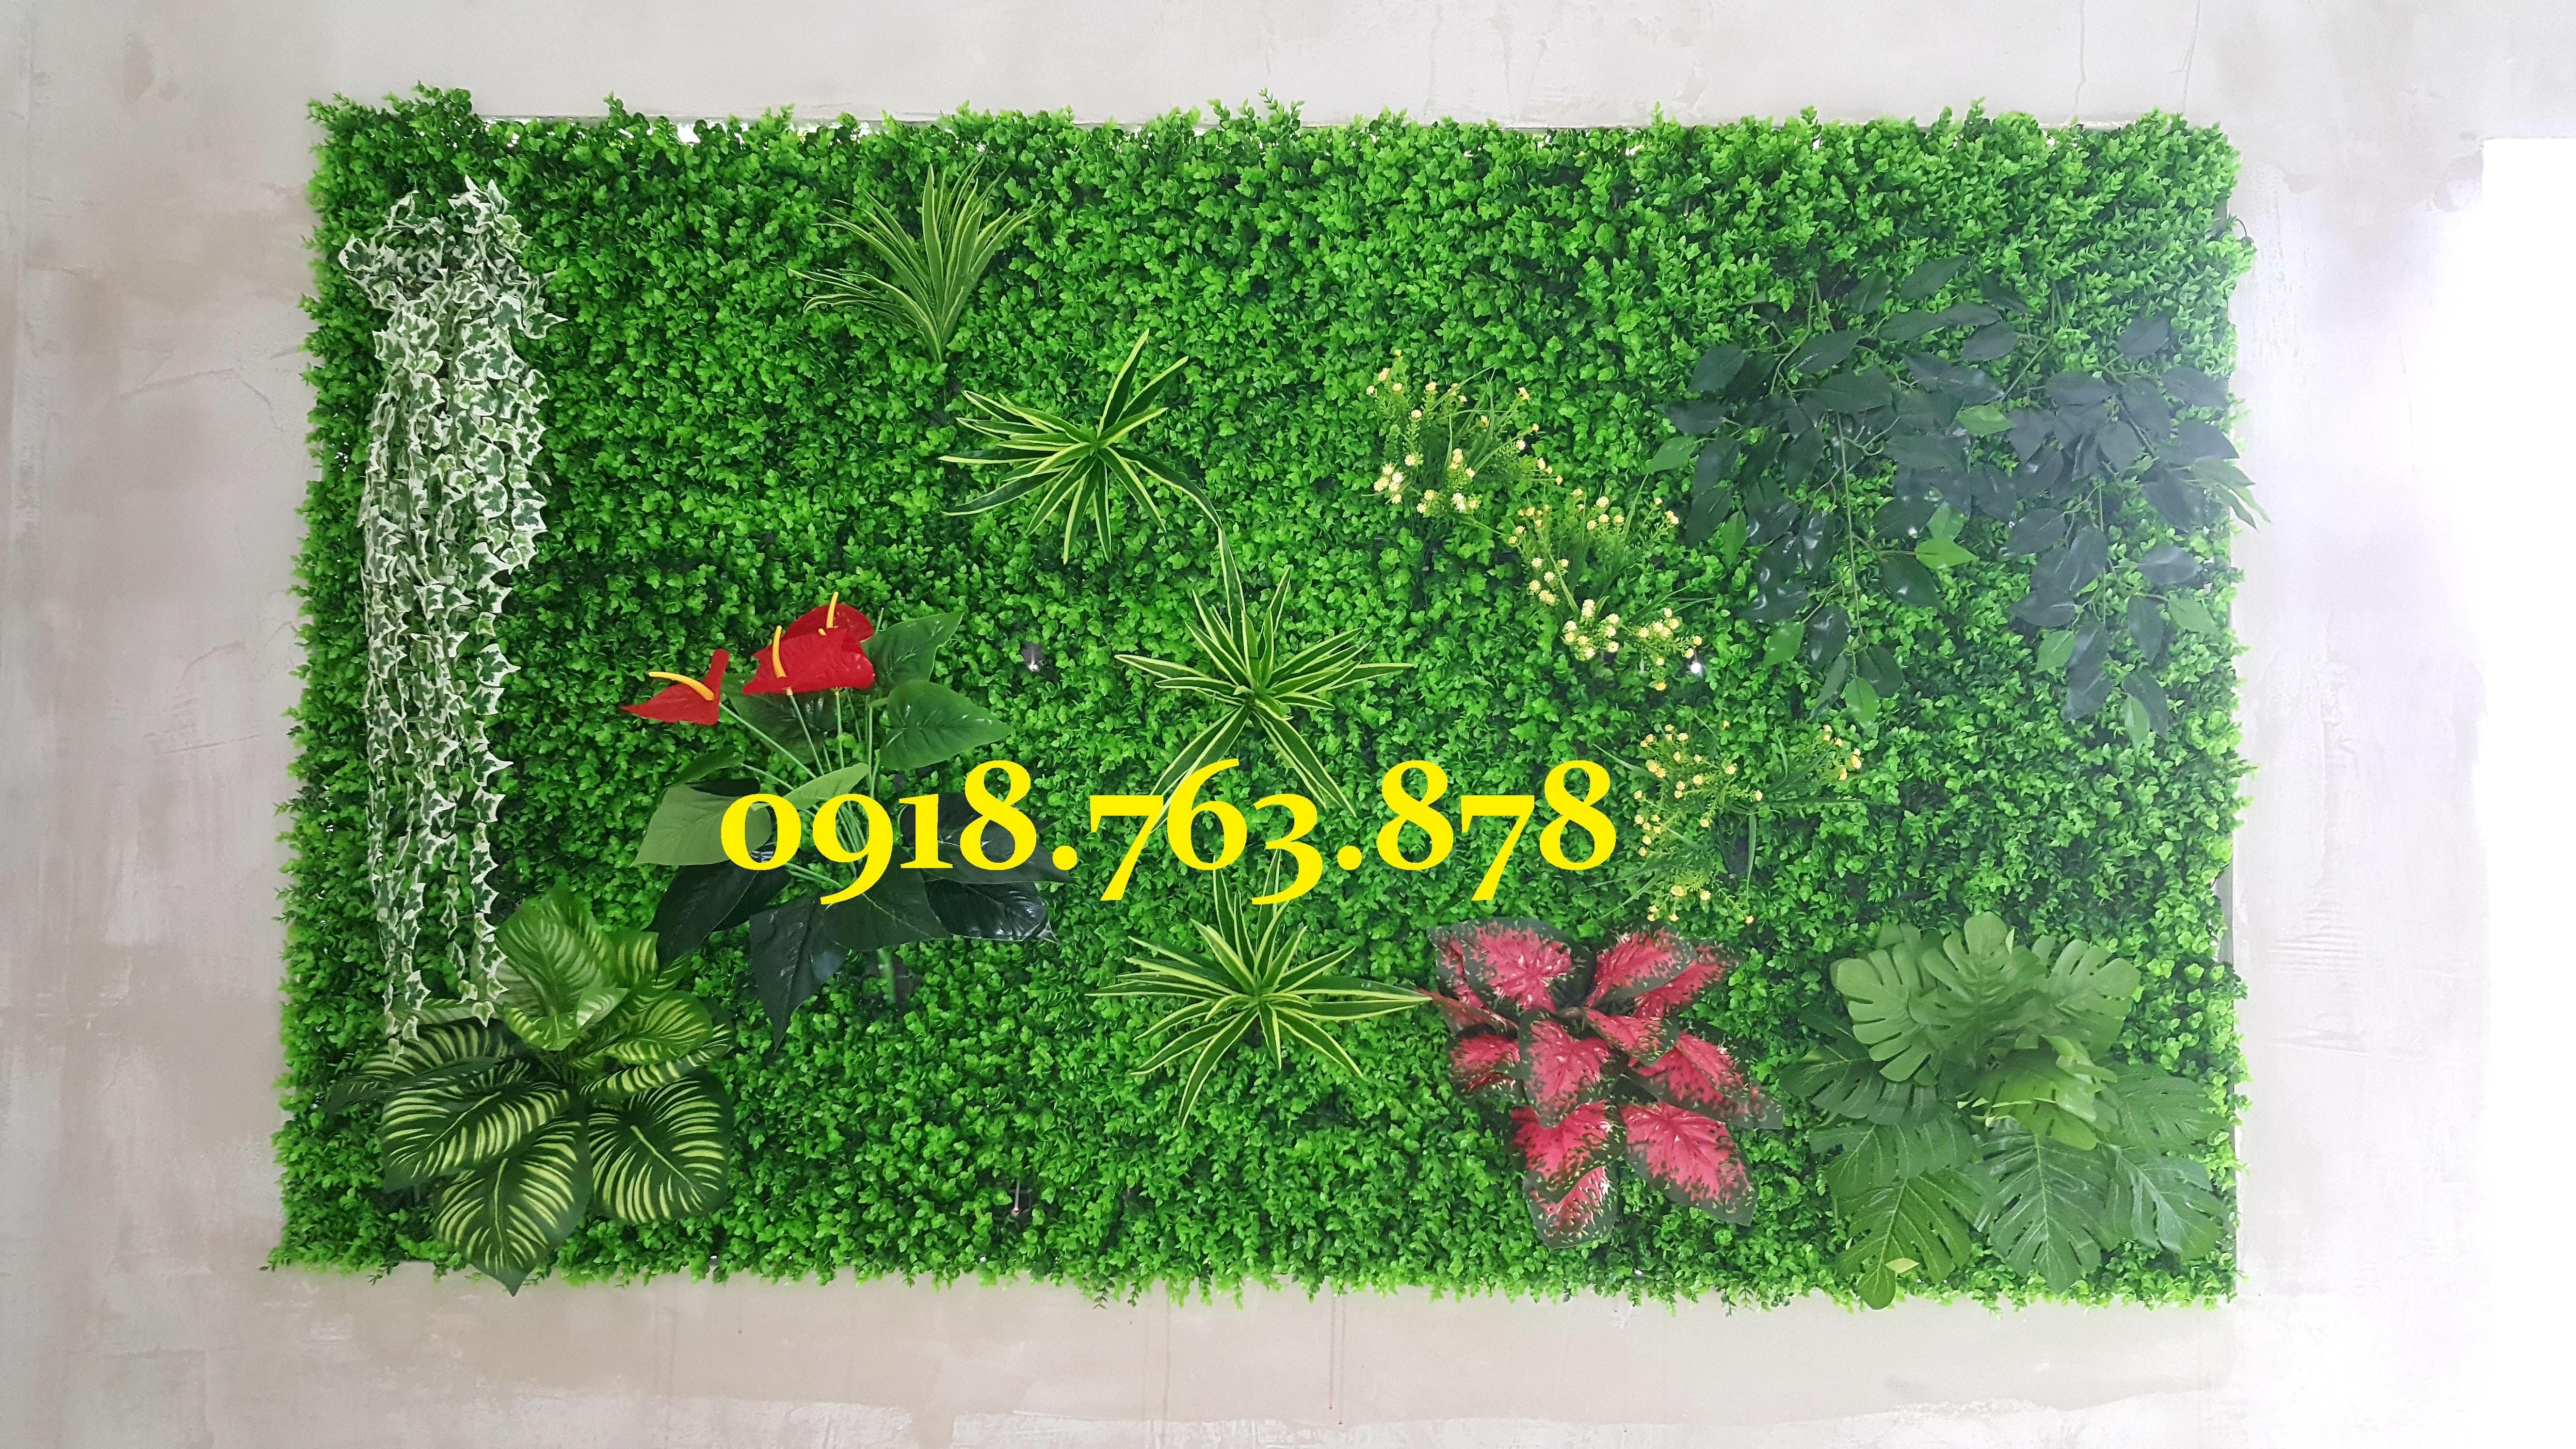 Thi công tường cây lá giả trang trí nhà hàng Tri Kỷ quận Gò Vấp